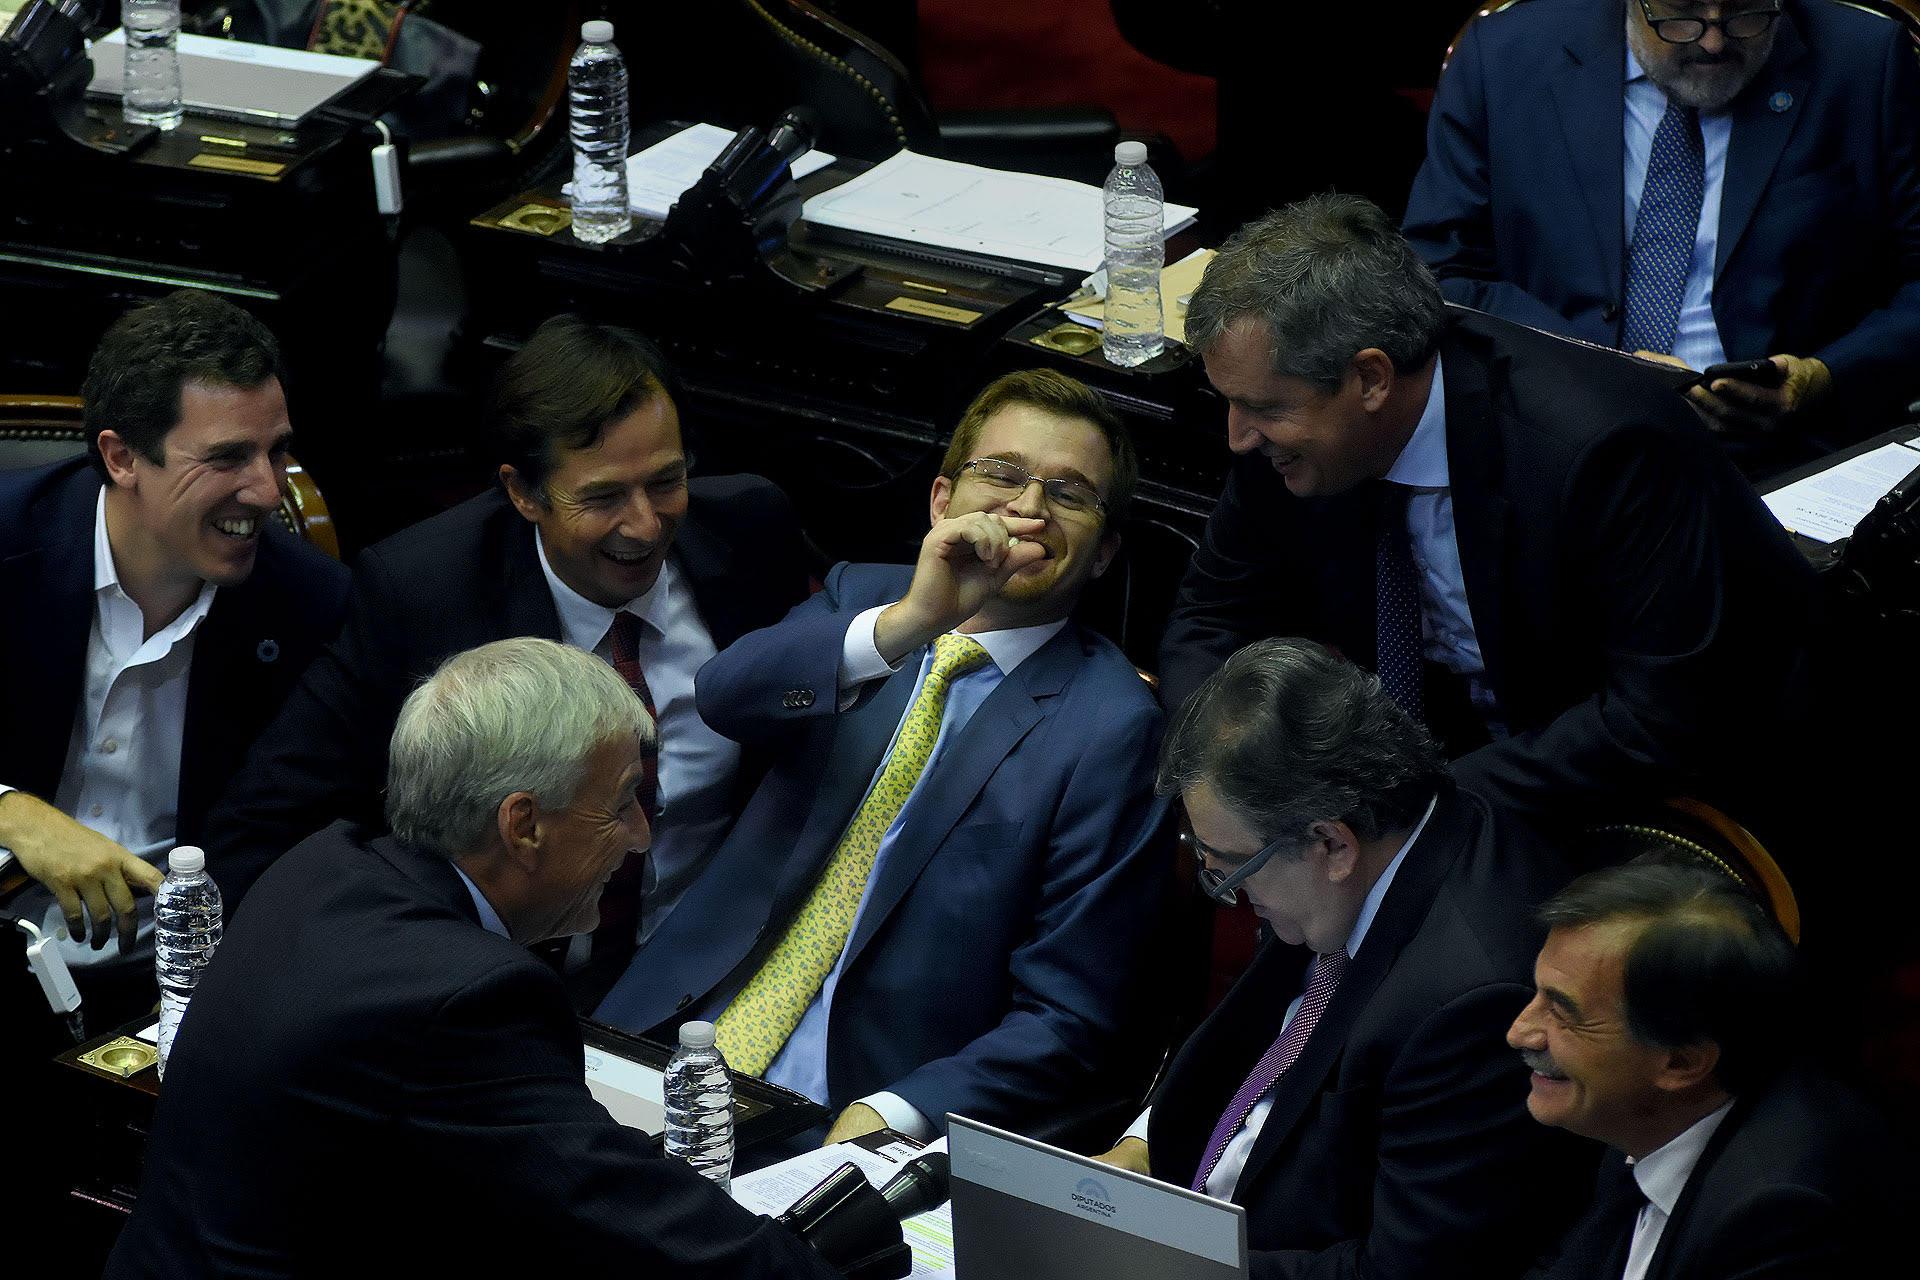 Bloque de diputados de Cambiemos durante el tratamiento del aumento de Tarifas (Nicolás Stulberg)